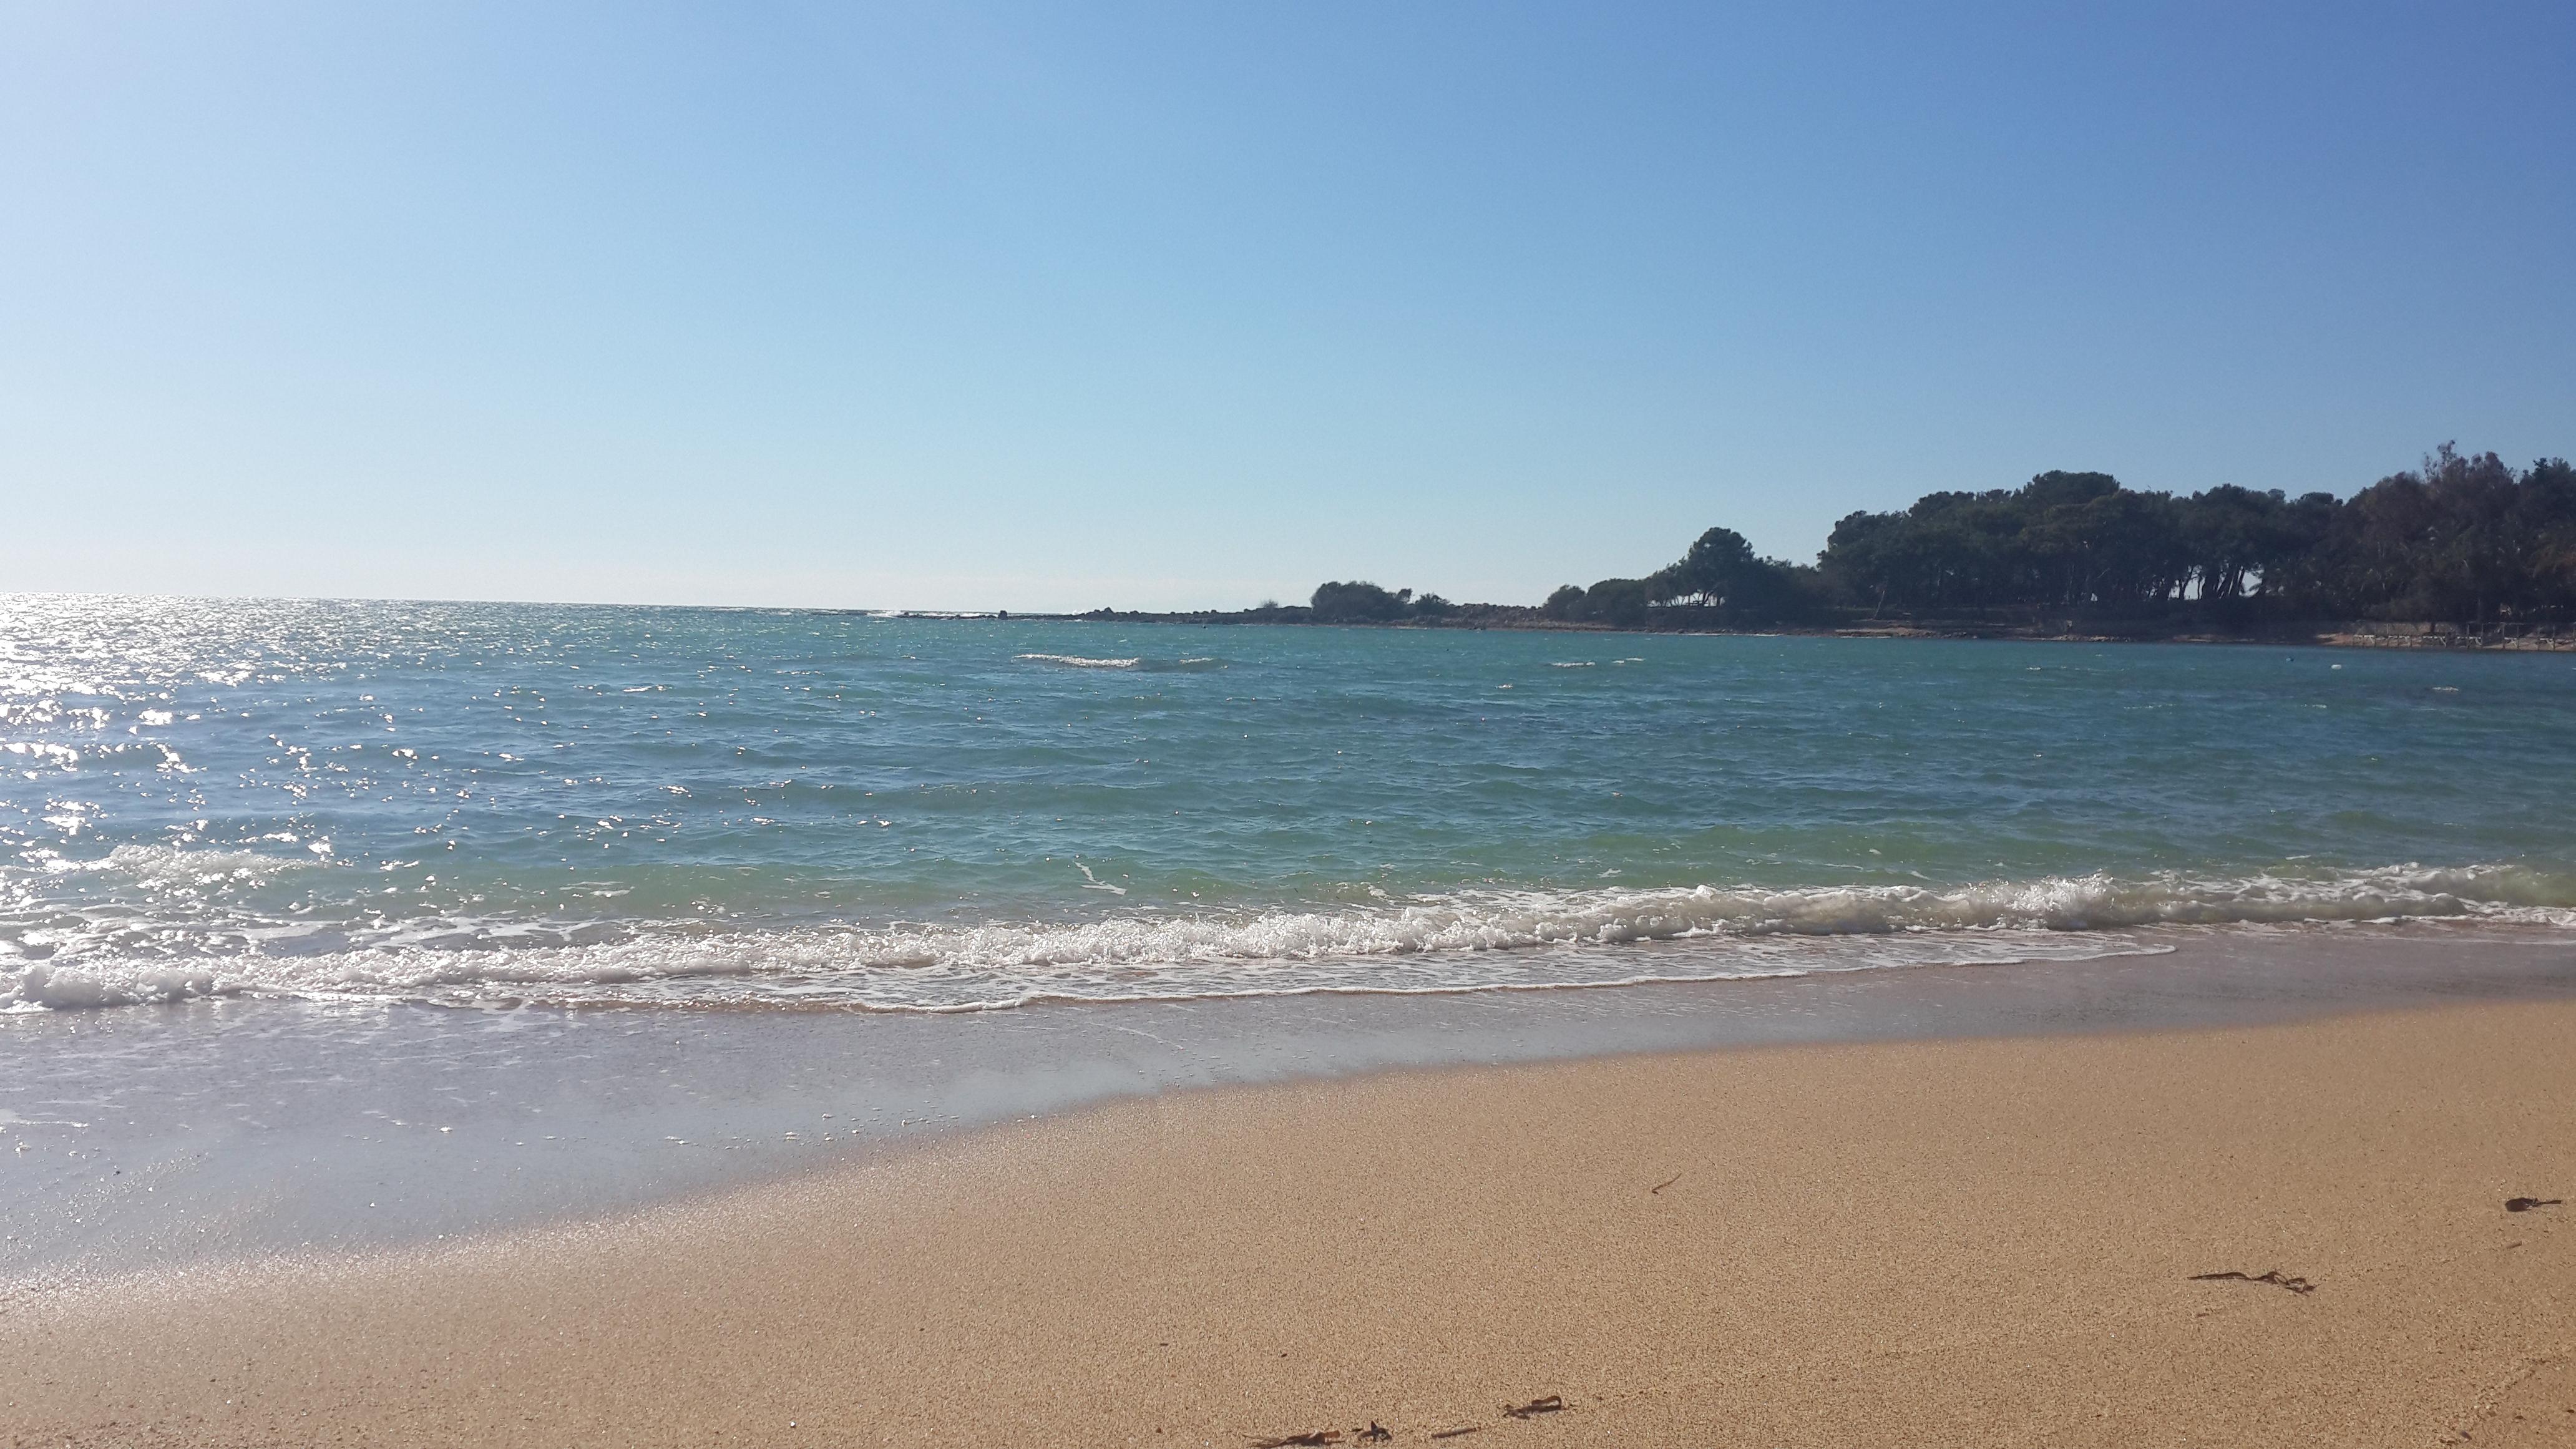 Ночь на пляже не стесняясь, бутылки и овощи в пизде и попе